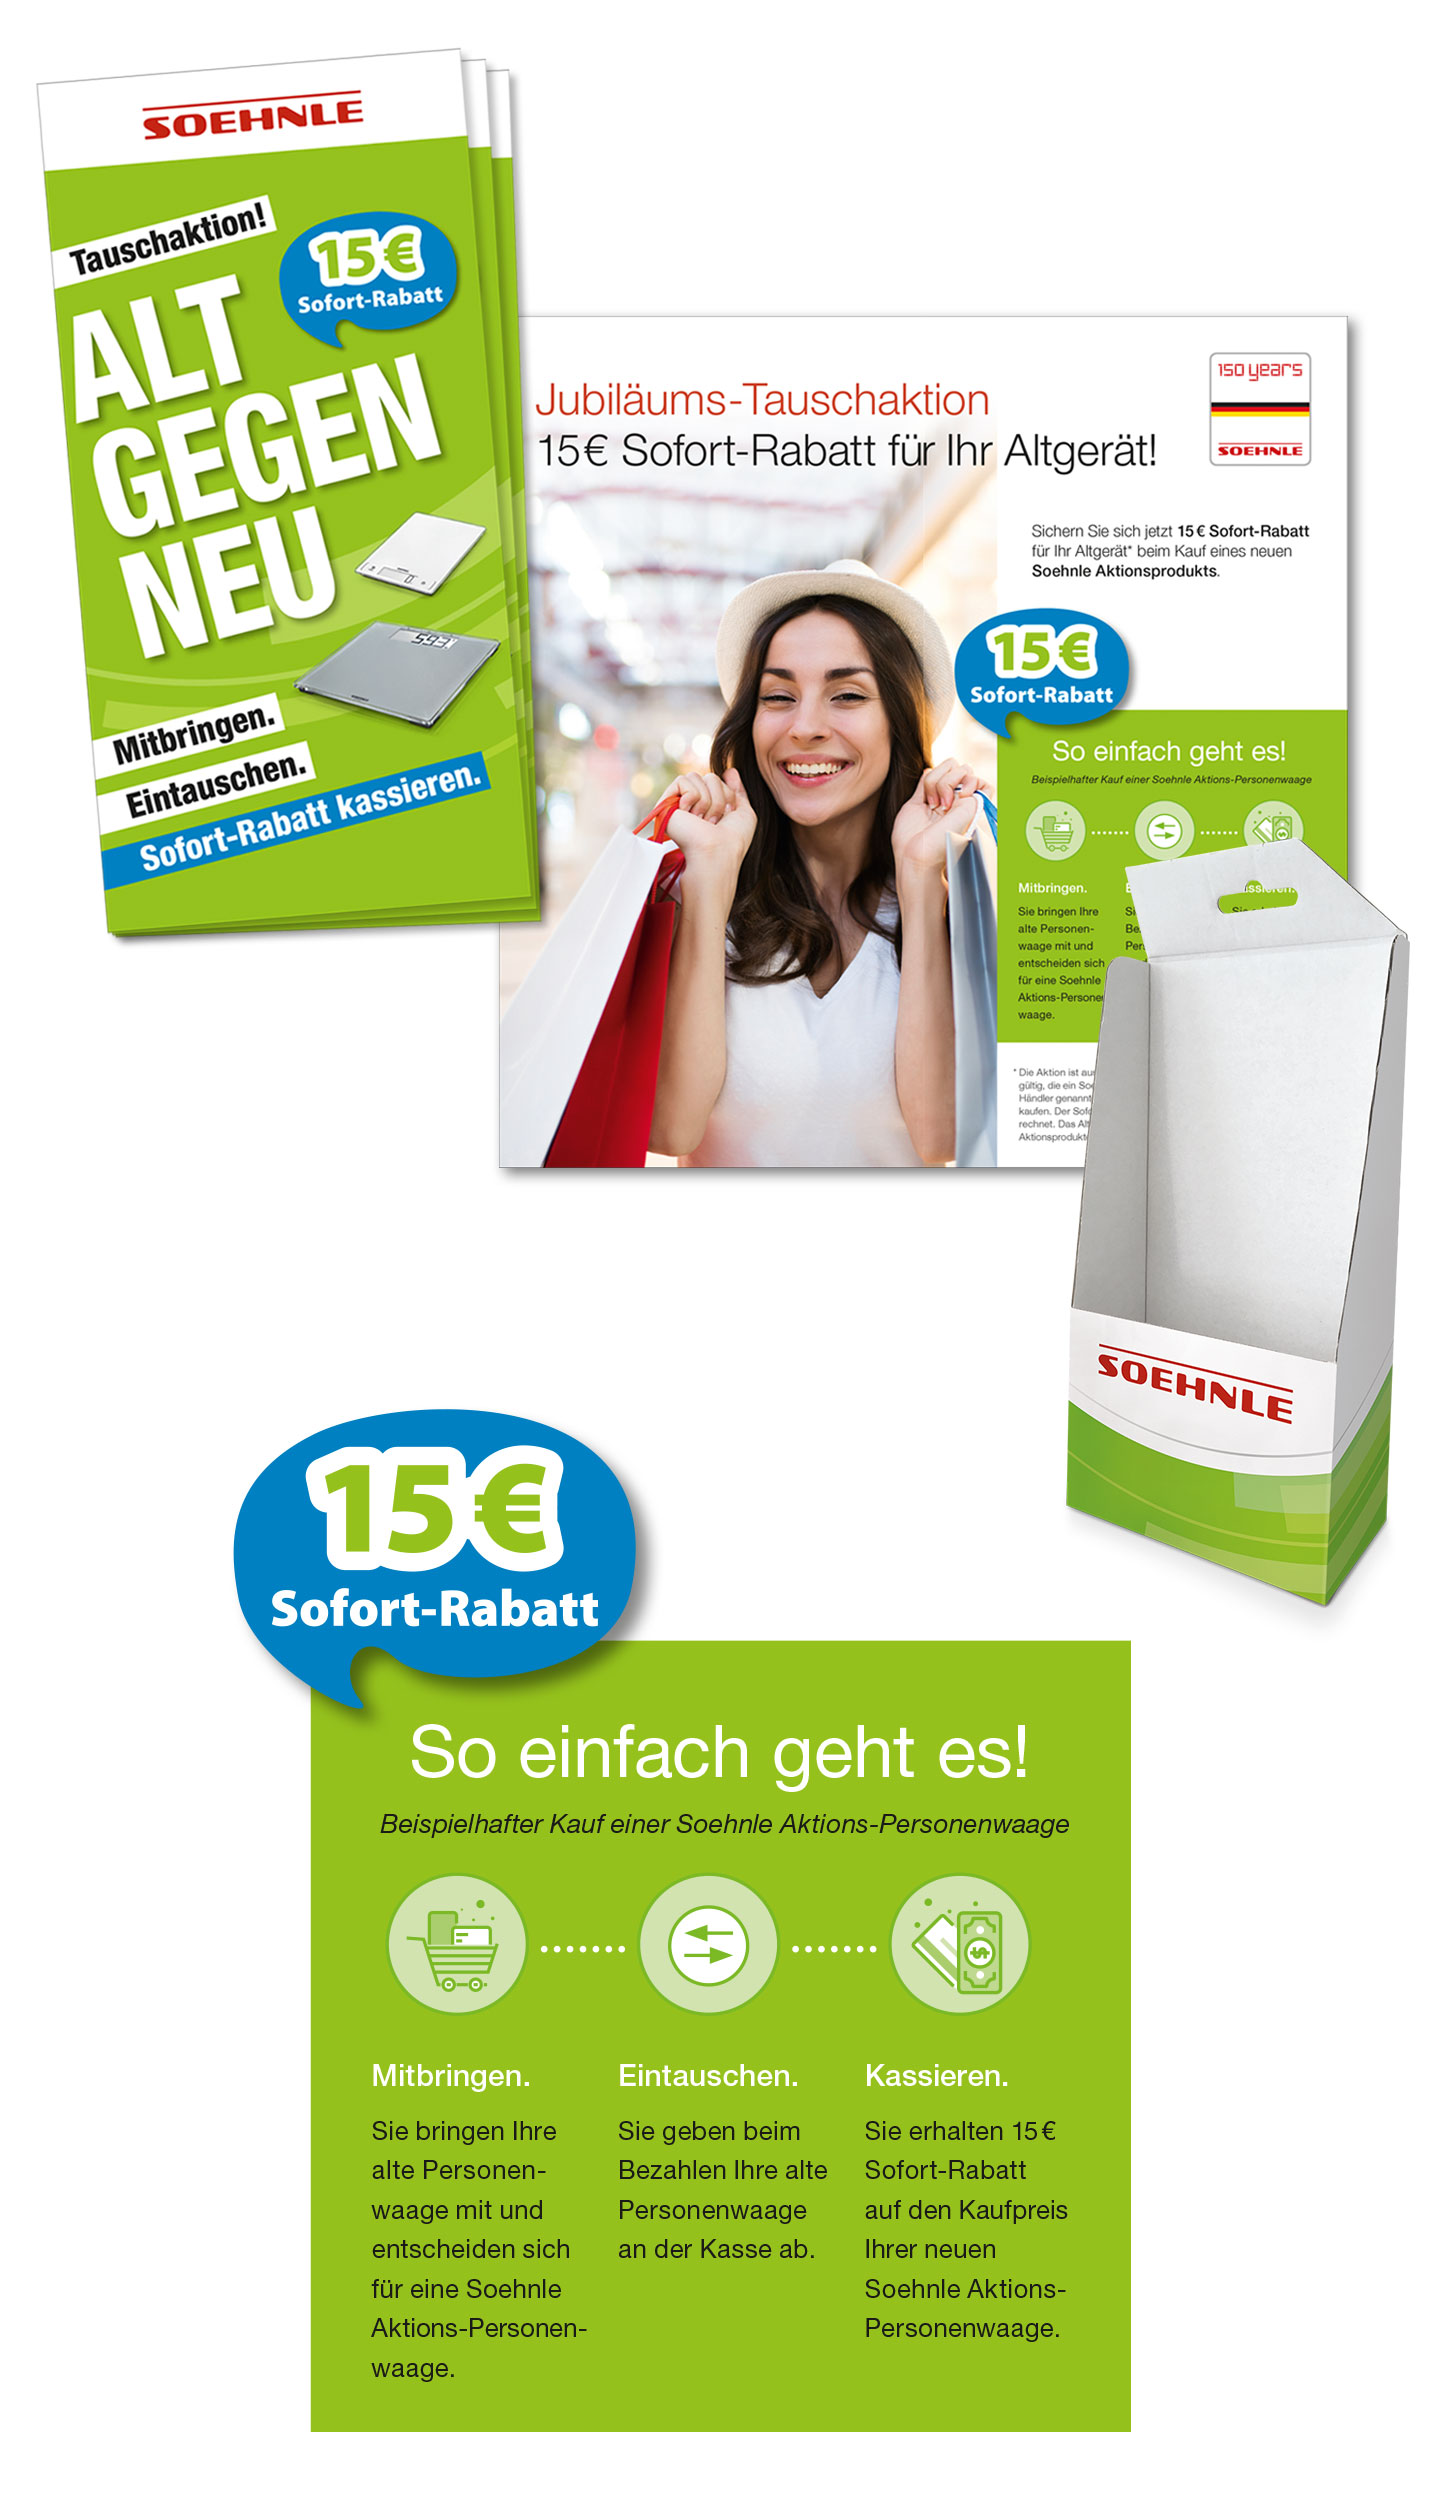 P12 Werbeagentur Referenz Soehnle Alt gegen Neu Kampagne 2018 Vermarktungstools Endverbraucherfolder